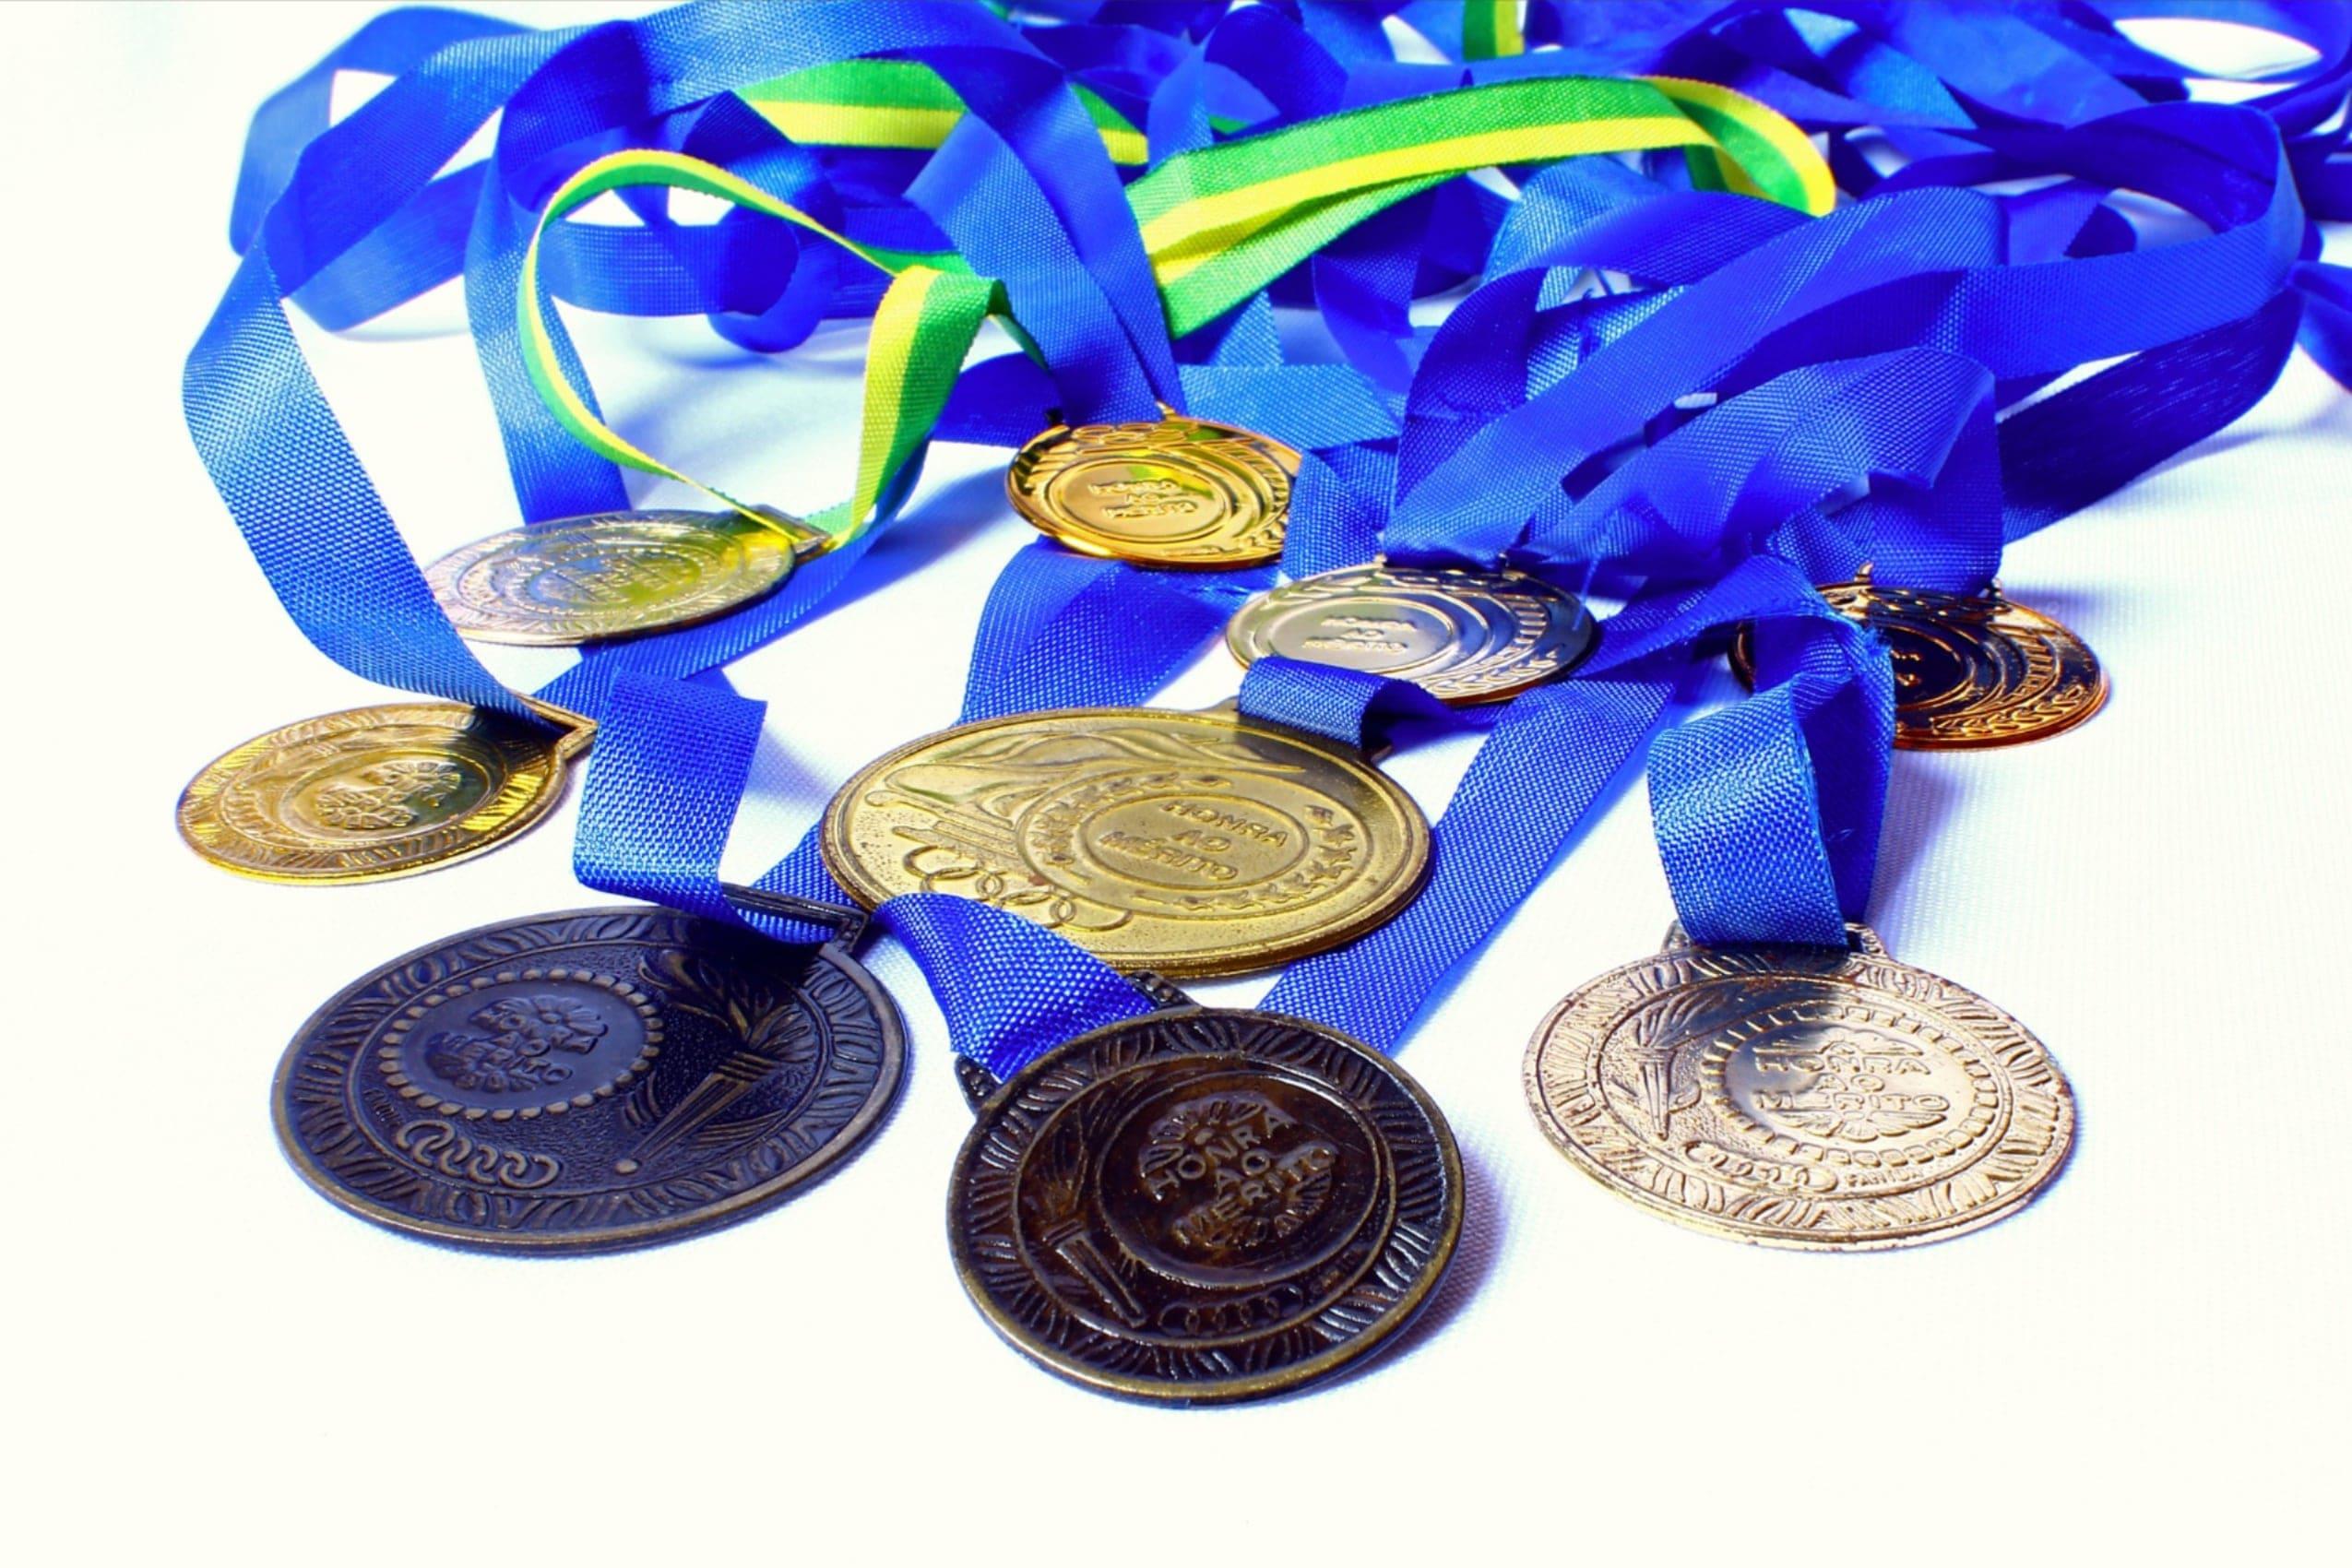 Intip Berapa Nilai Medali Emas Asian Games 2018 yang Didapat Indonesia